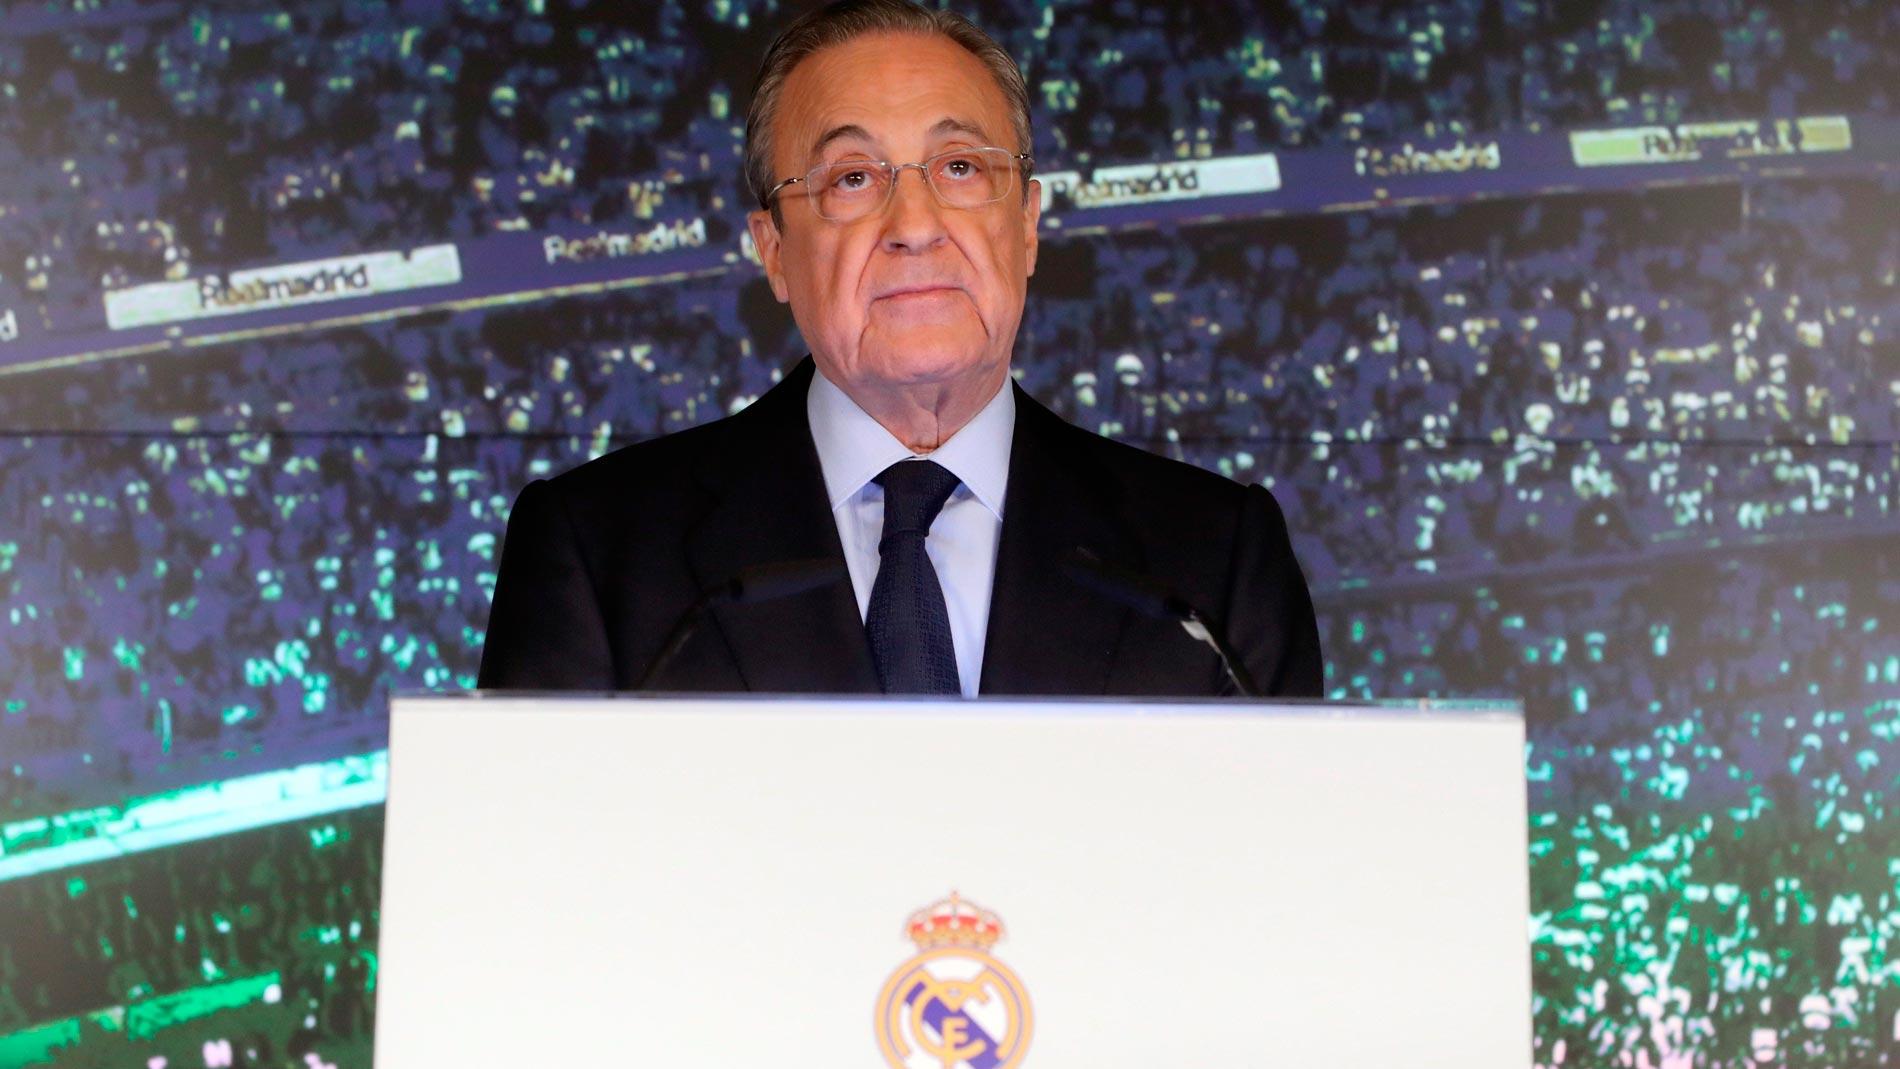 Ampliación del Bernabéu. Florentino se queda solo: ni Botella ni González recurrirán la sentencia del TSJM